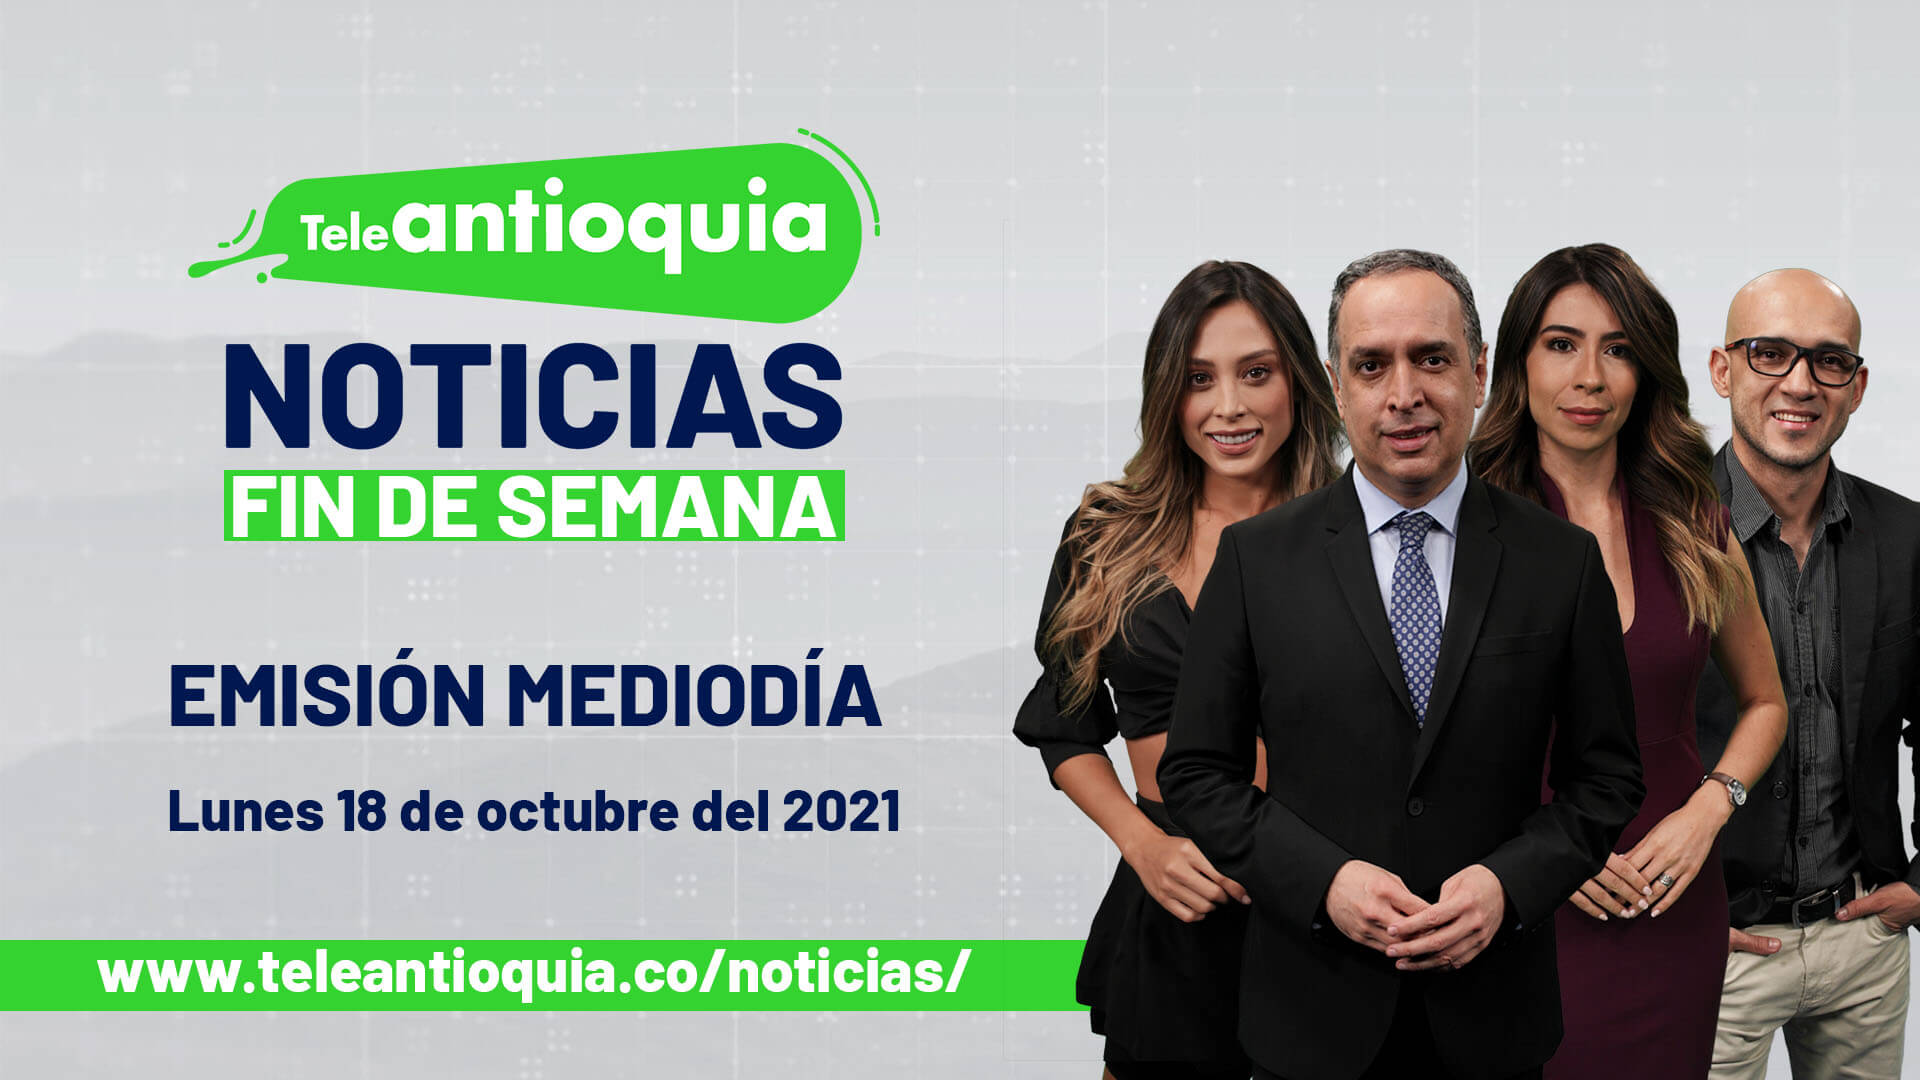 Teleantioquia Noticias – lunes 18 de octubre de 2021 mediodía